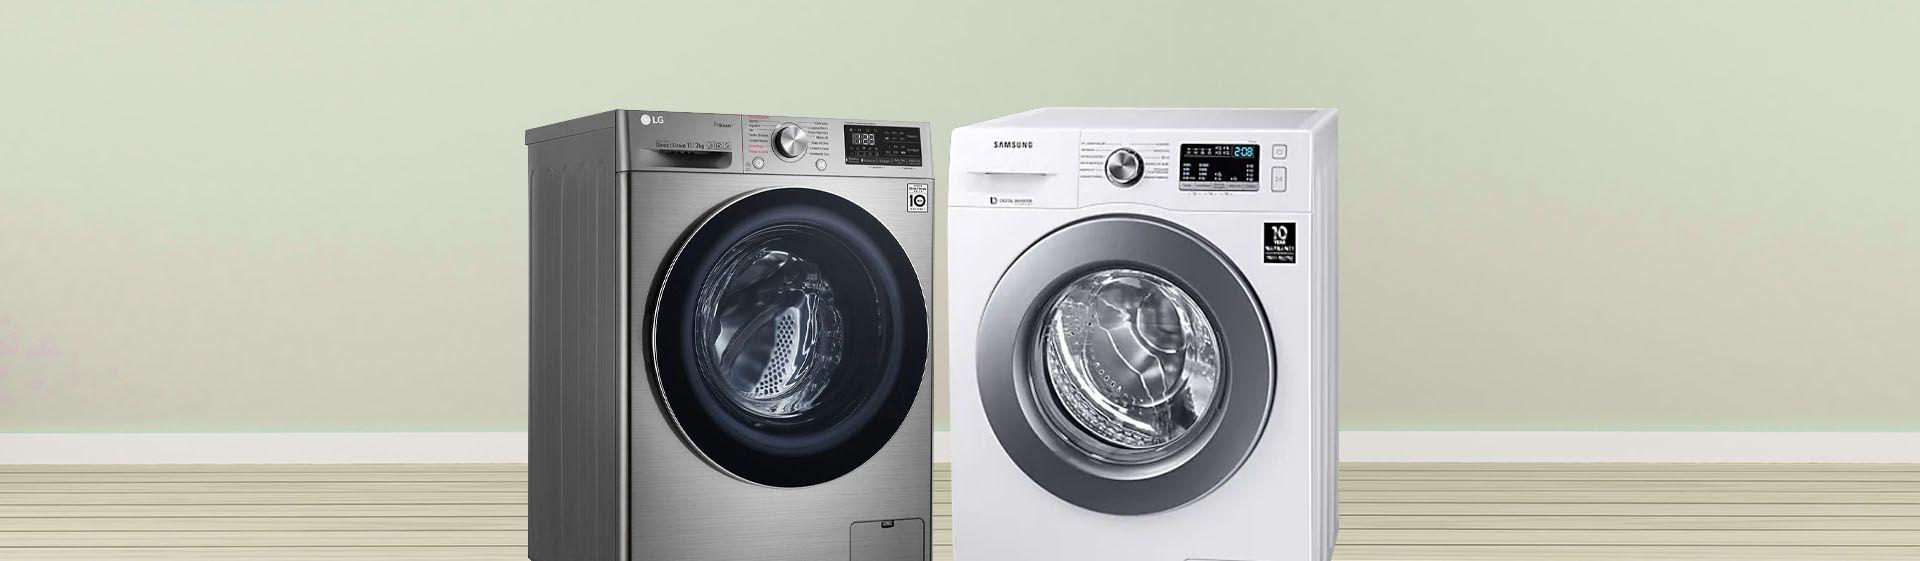 Qual a melhor Lava e Seca: LG ou Samsung?